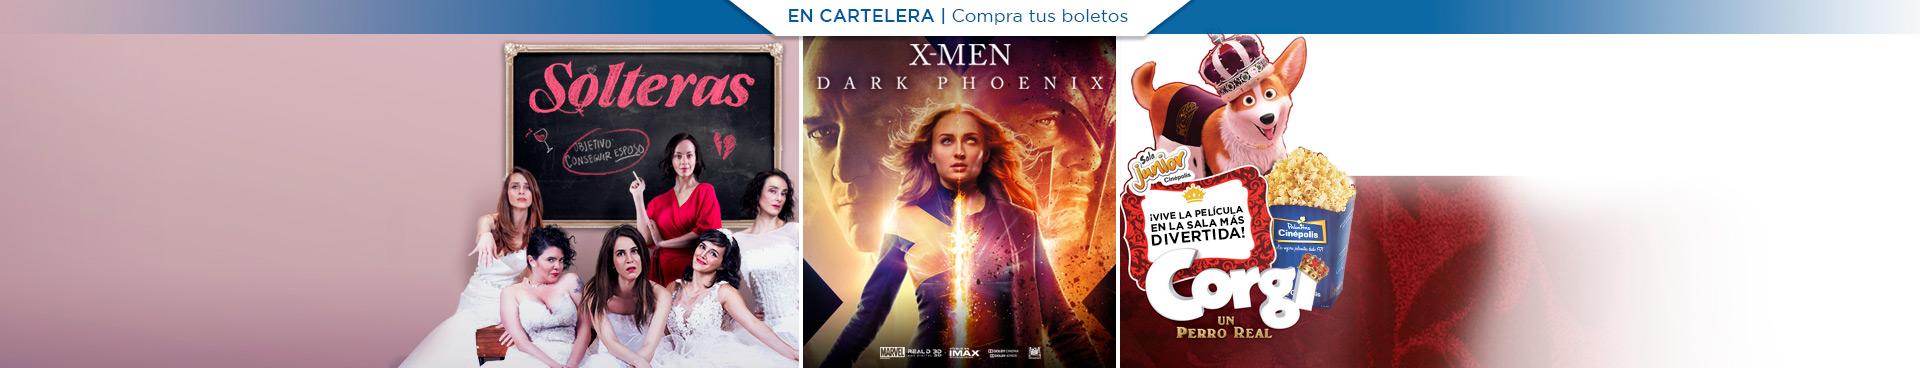 En Cartelera: Solteras / X-Men: Dark Phoenix / Corgi: Un Perro Real